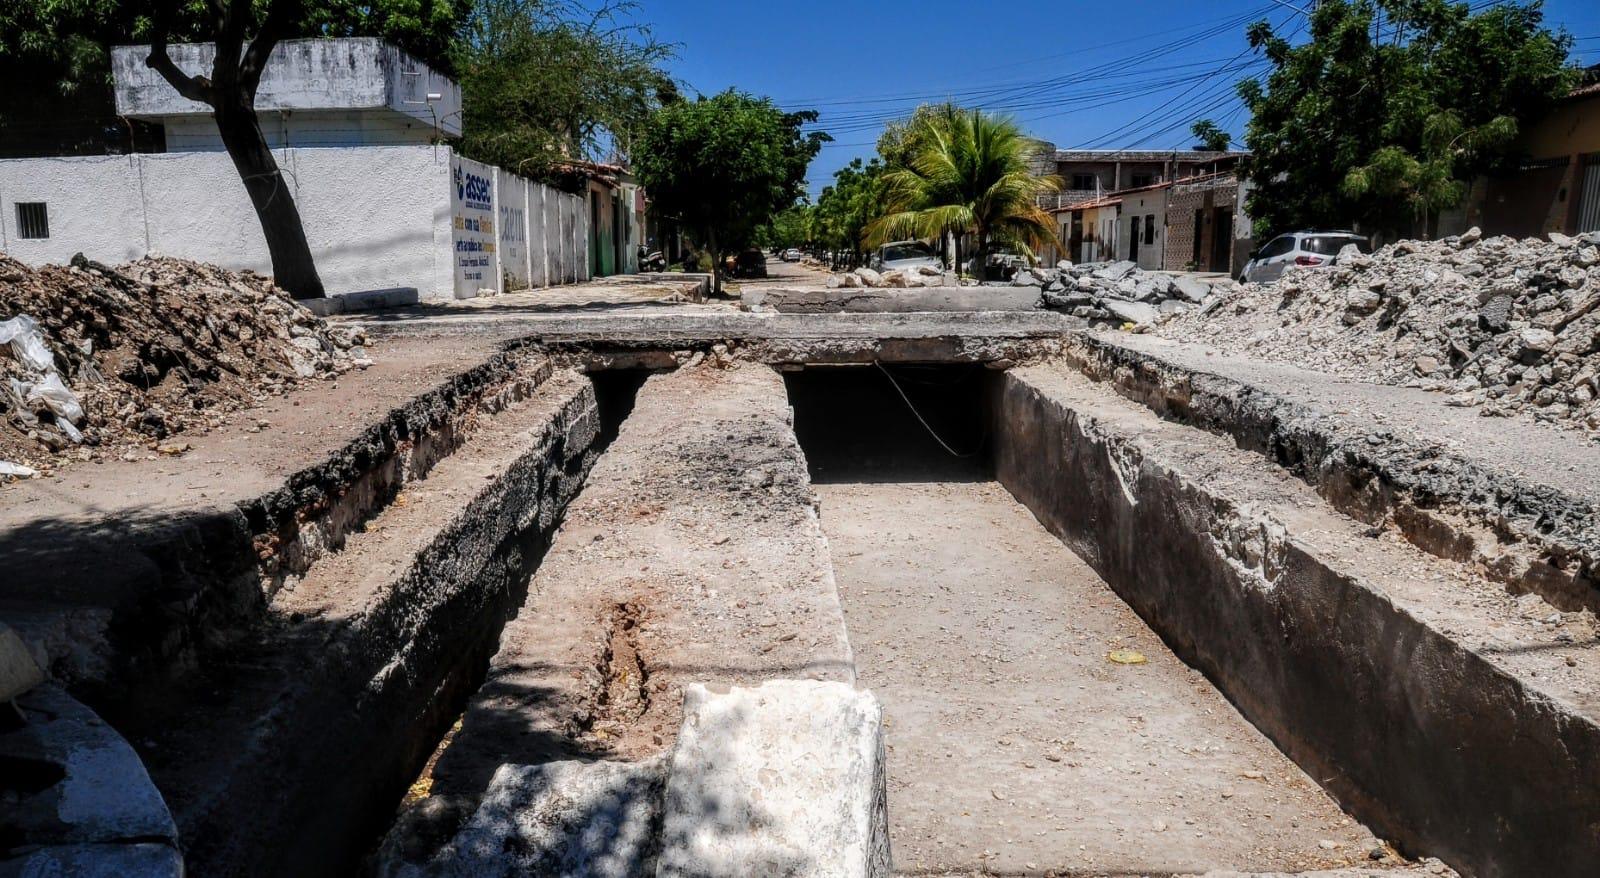 Município promove obras na rua Delfim Moreira com a Marechal Hermes